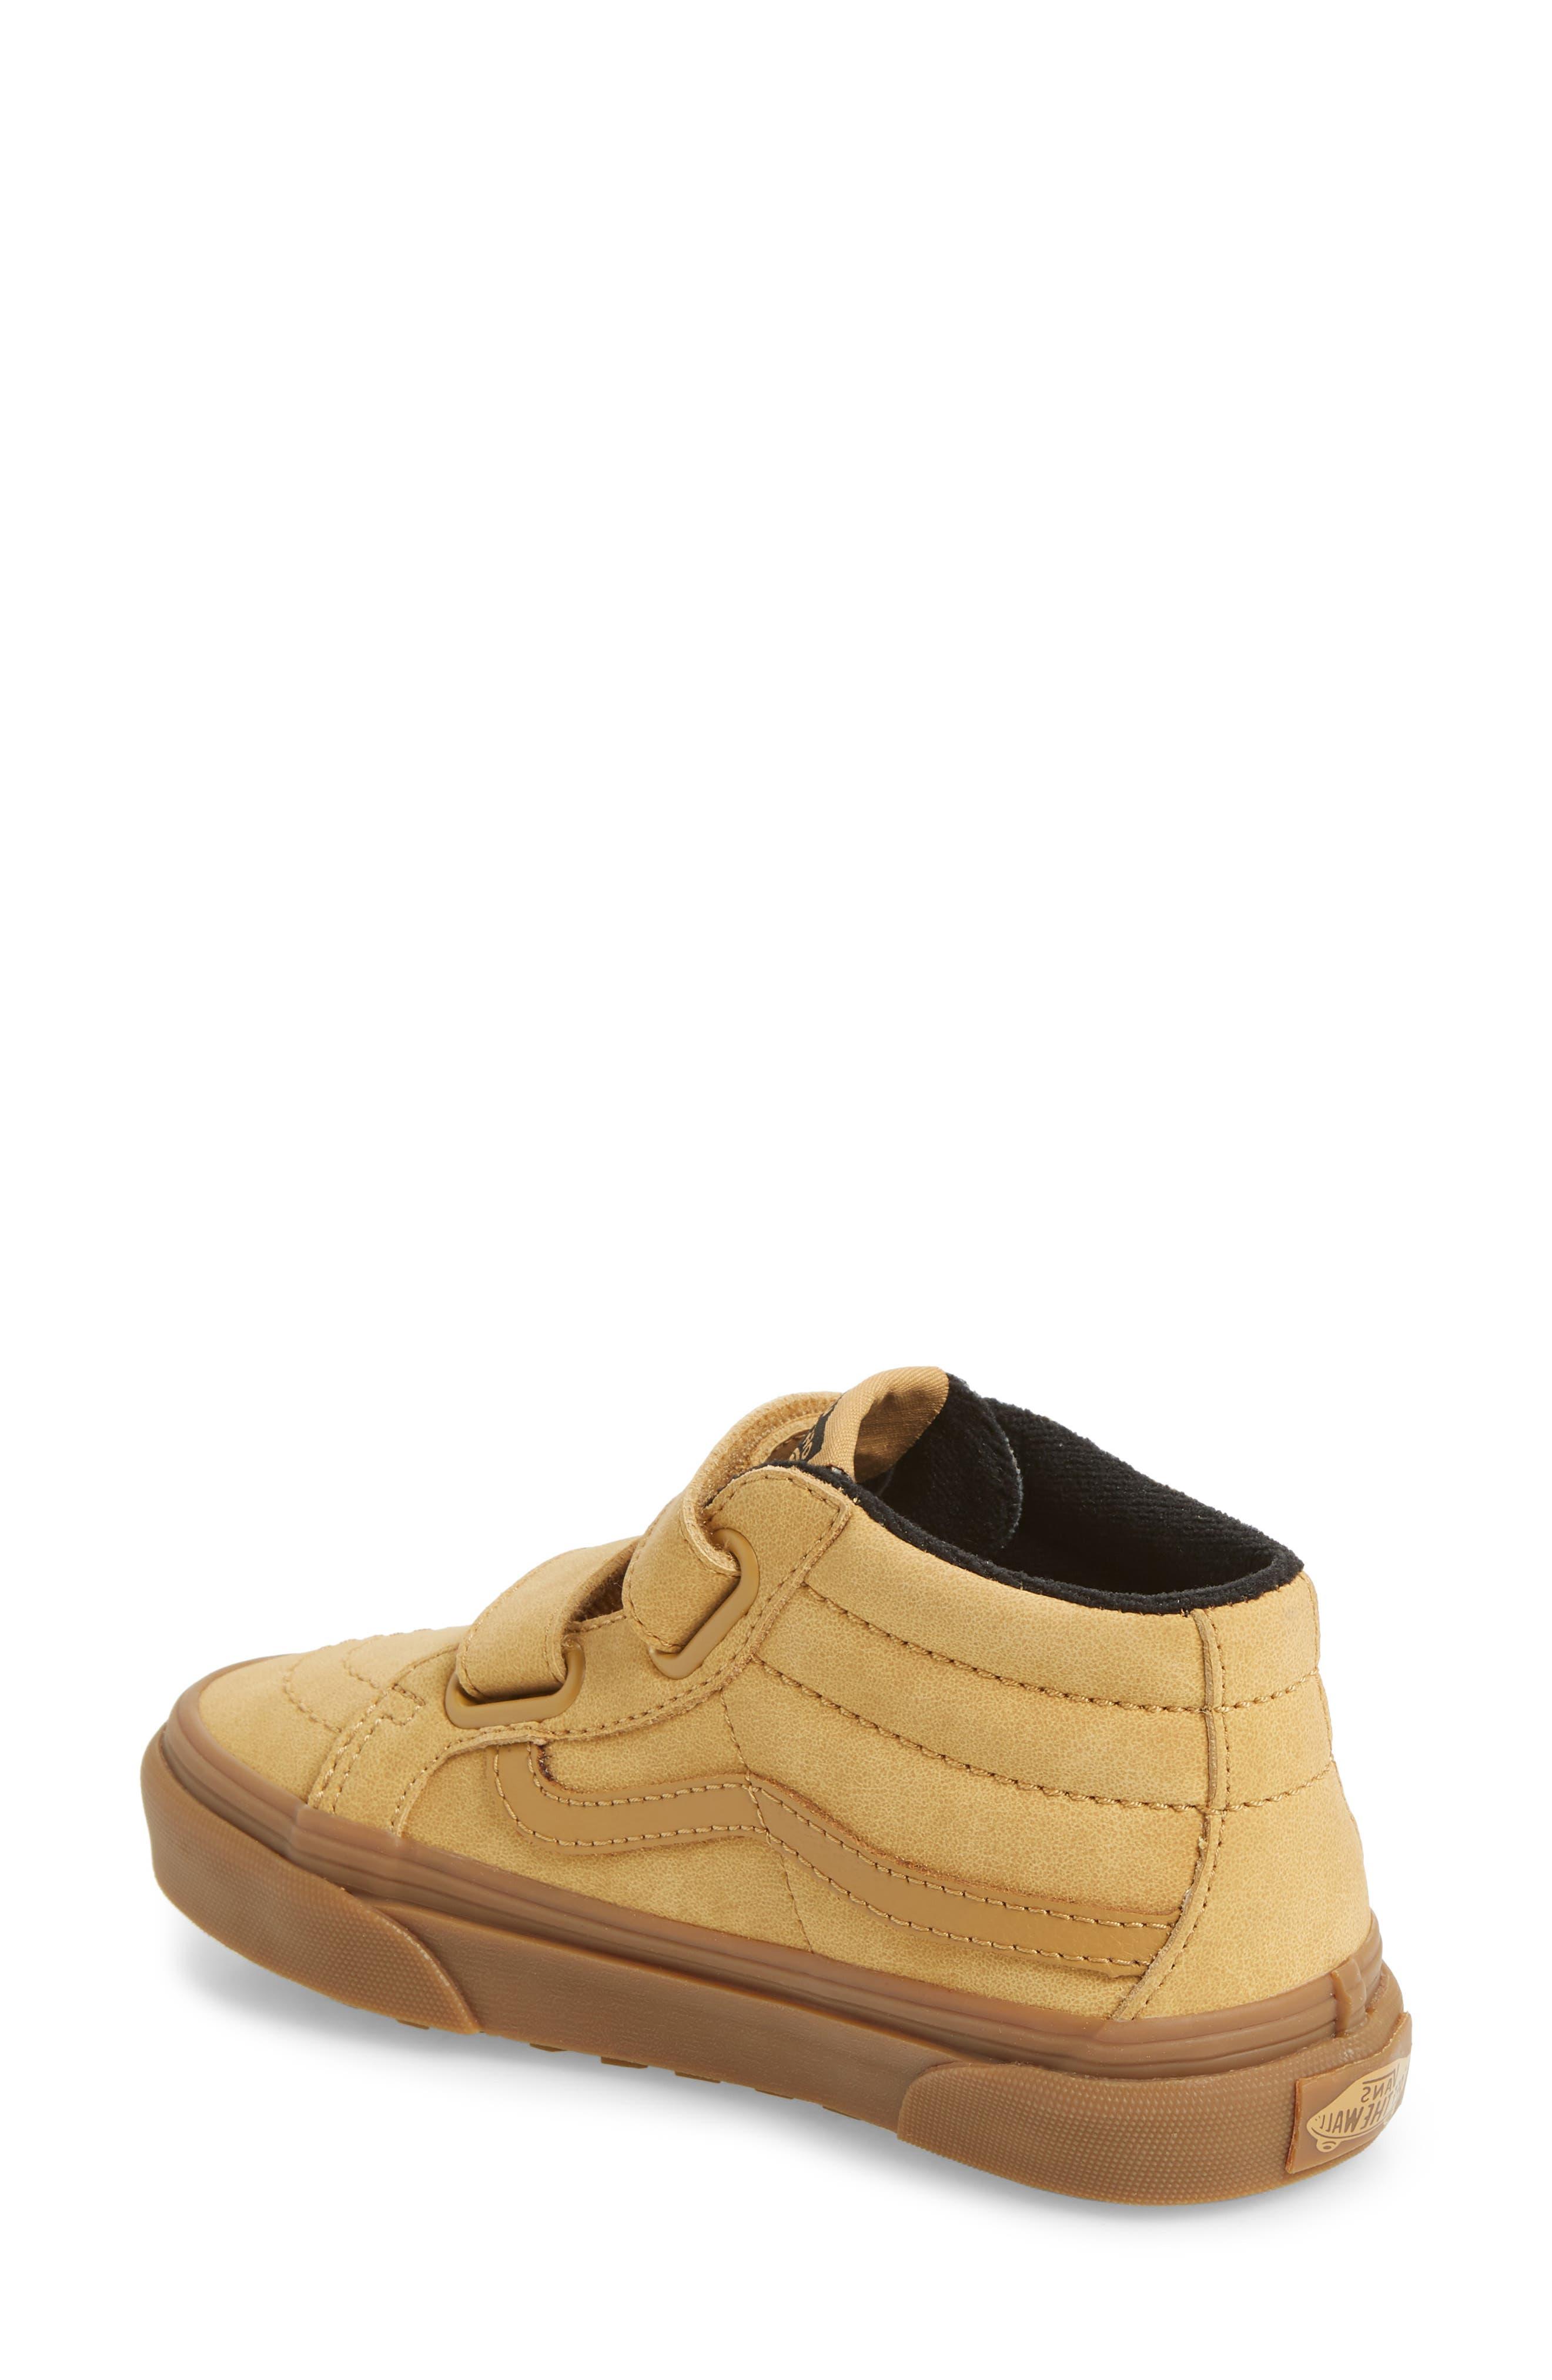 Sk8-Mid Reissue V Sneaker,                             Alternate thumbnail 2, color,                             VANSBUCK/ APPLE CINNAMON